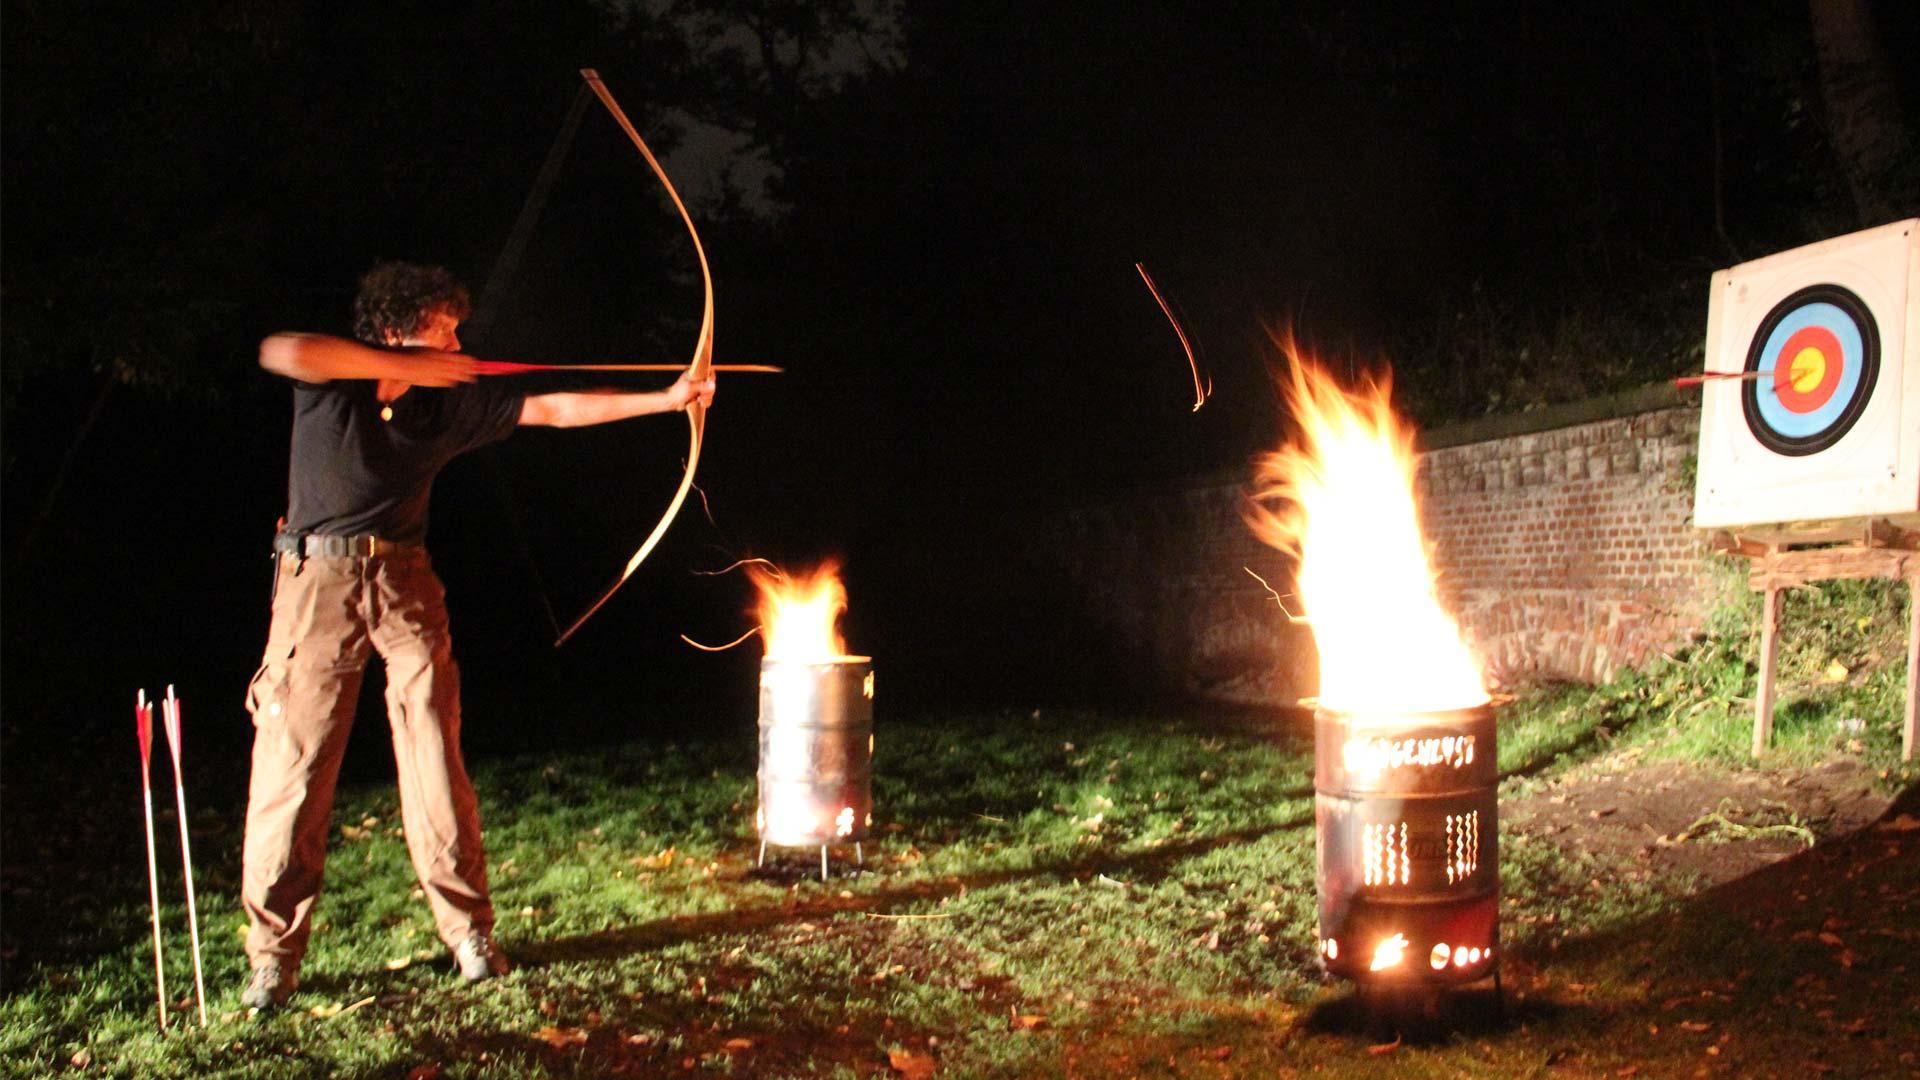 Bogenschütze schießt bei Nacht im Licht von Feuertonnen